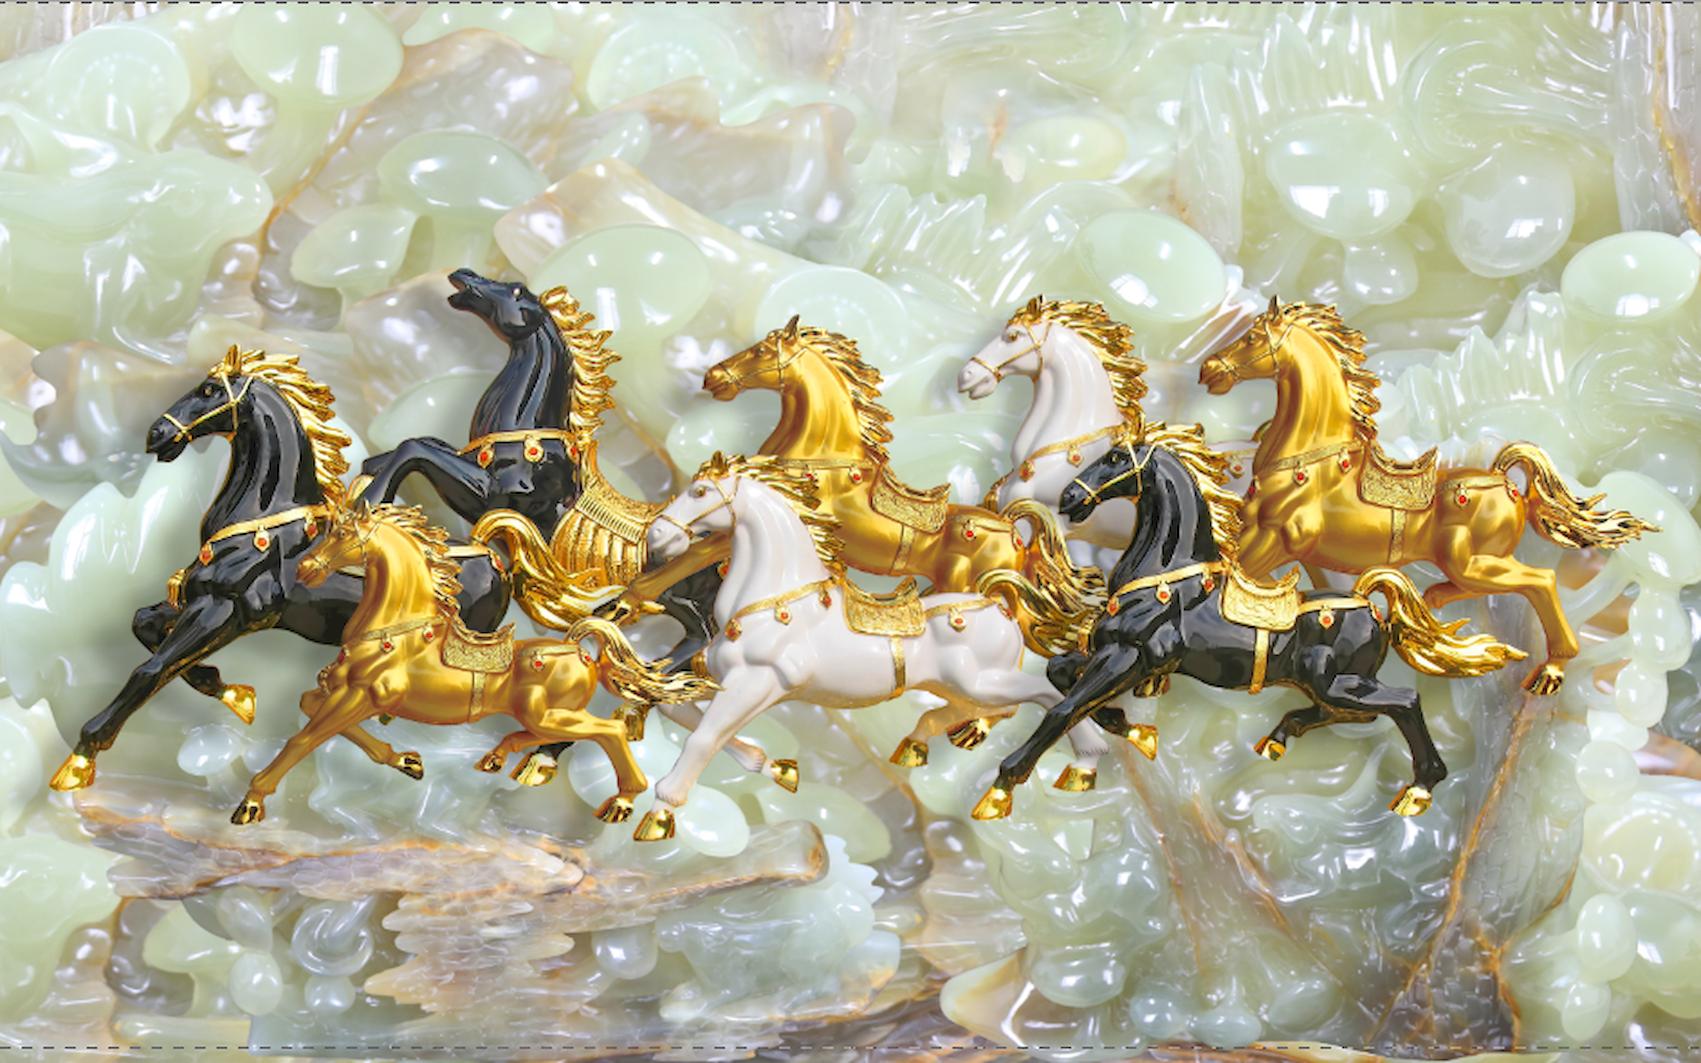 Tranh dán tường sn-1480